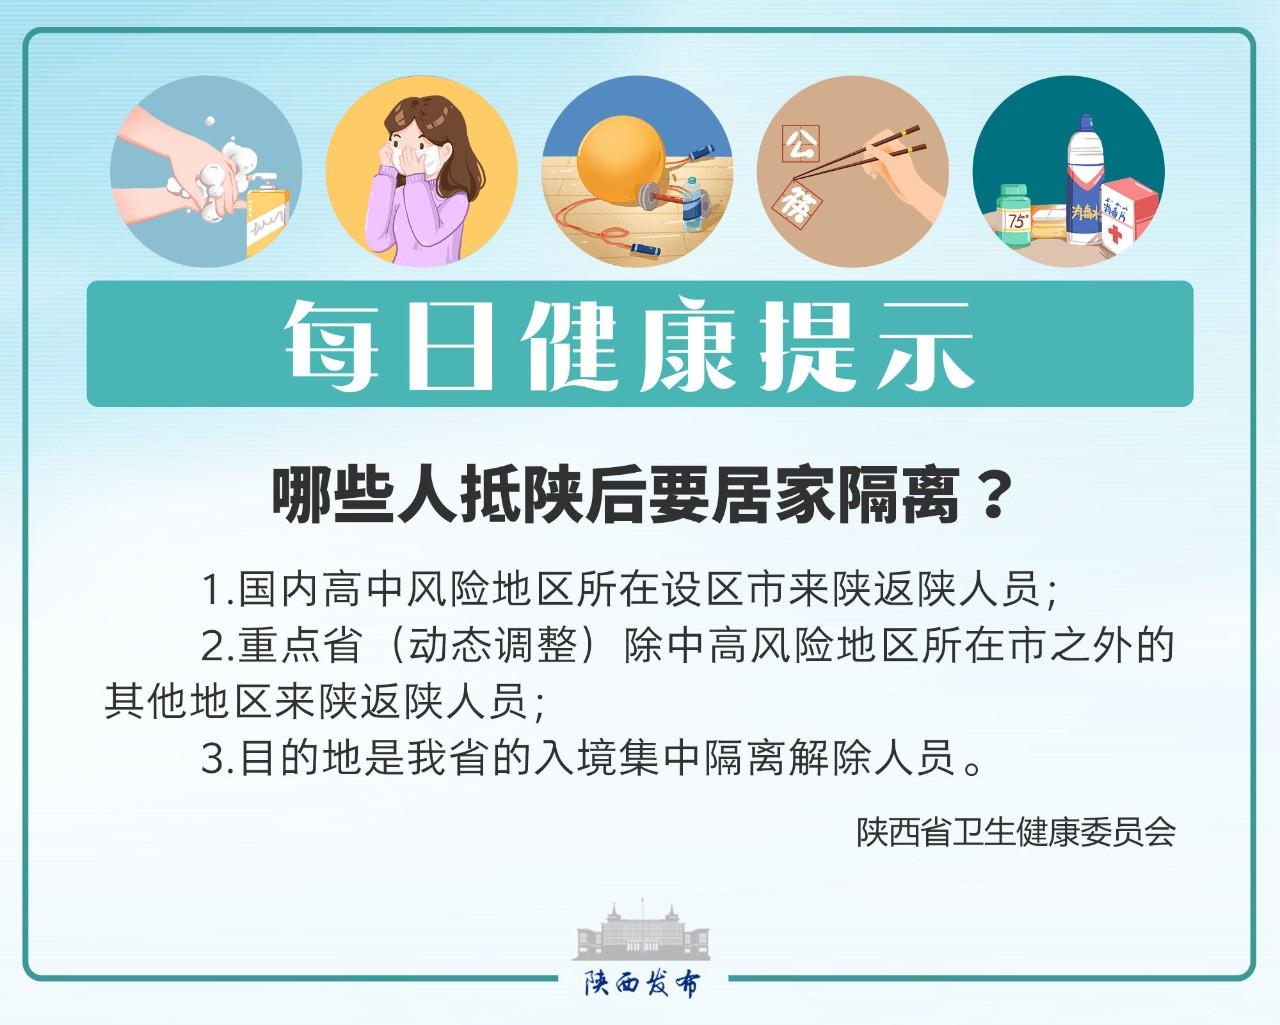 每日健康提示 | 哪些人抵陕后要居家隔离?